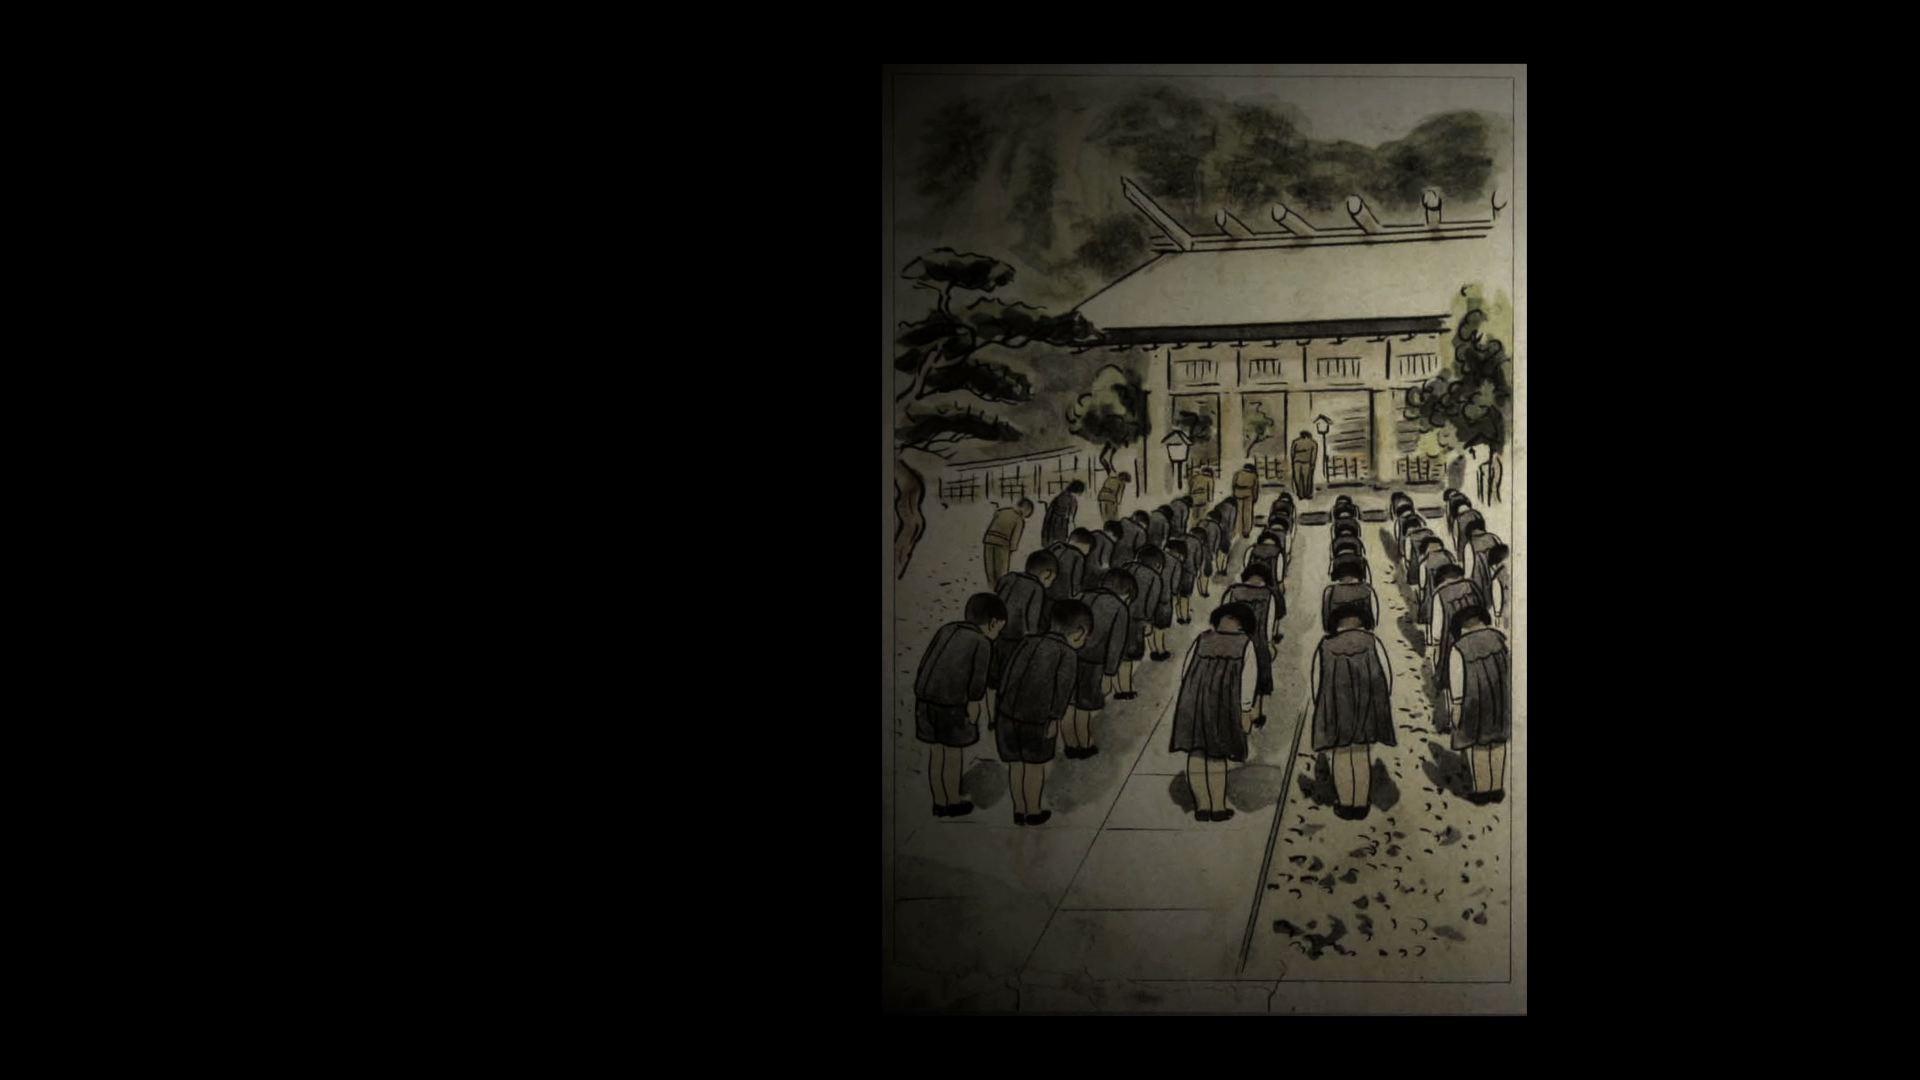 조선의 교육은 해방되지 않았다